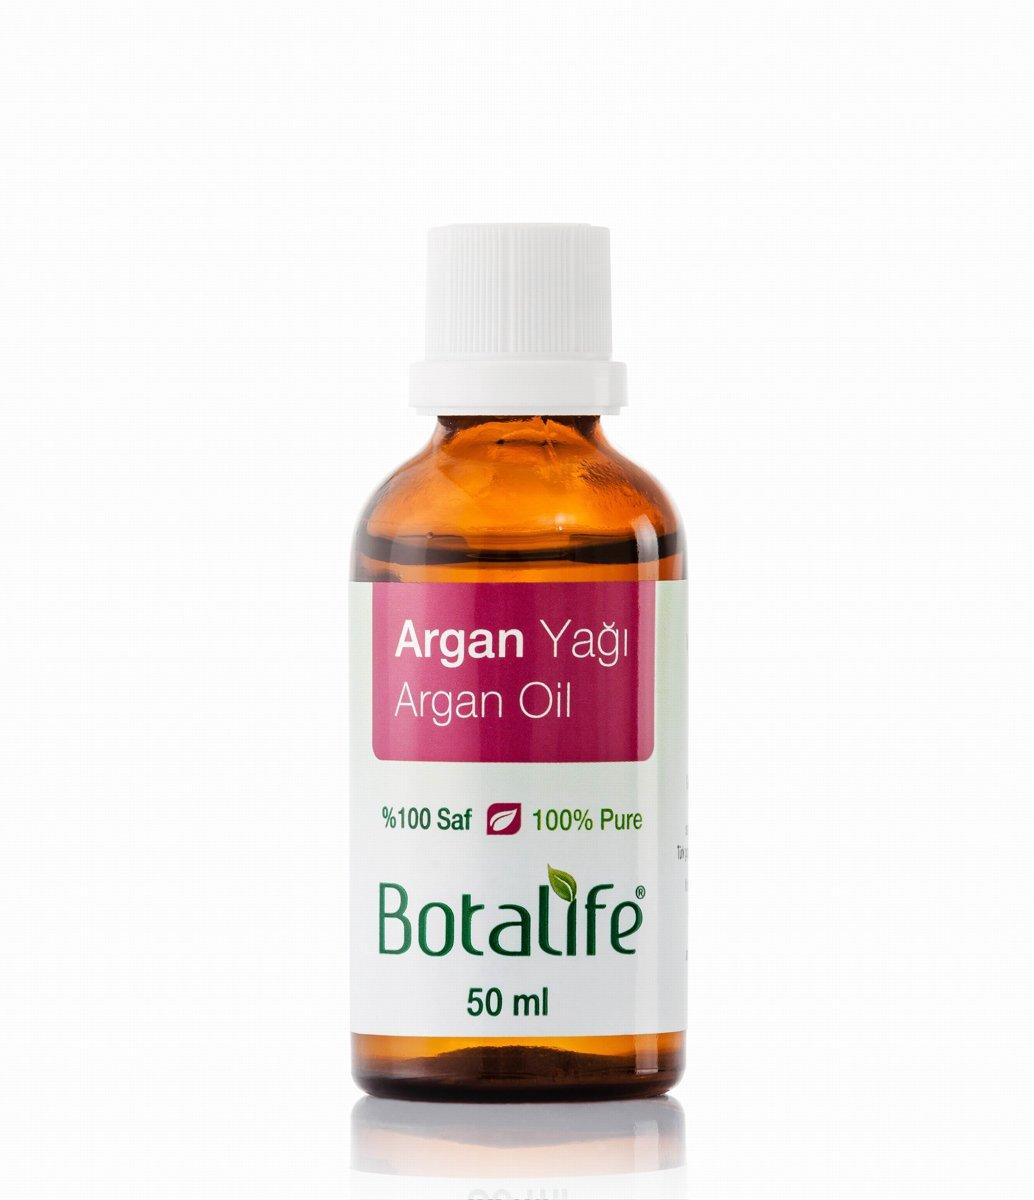 Foto van Botalife - Argan olie 50 ml - 100% natuurlijk & koud geperst - Geen toegevoegde geuren!